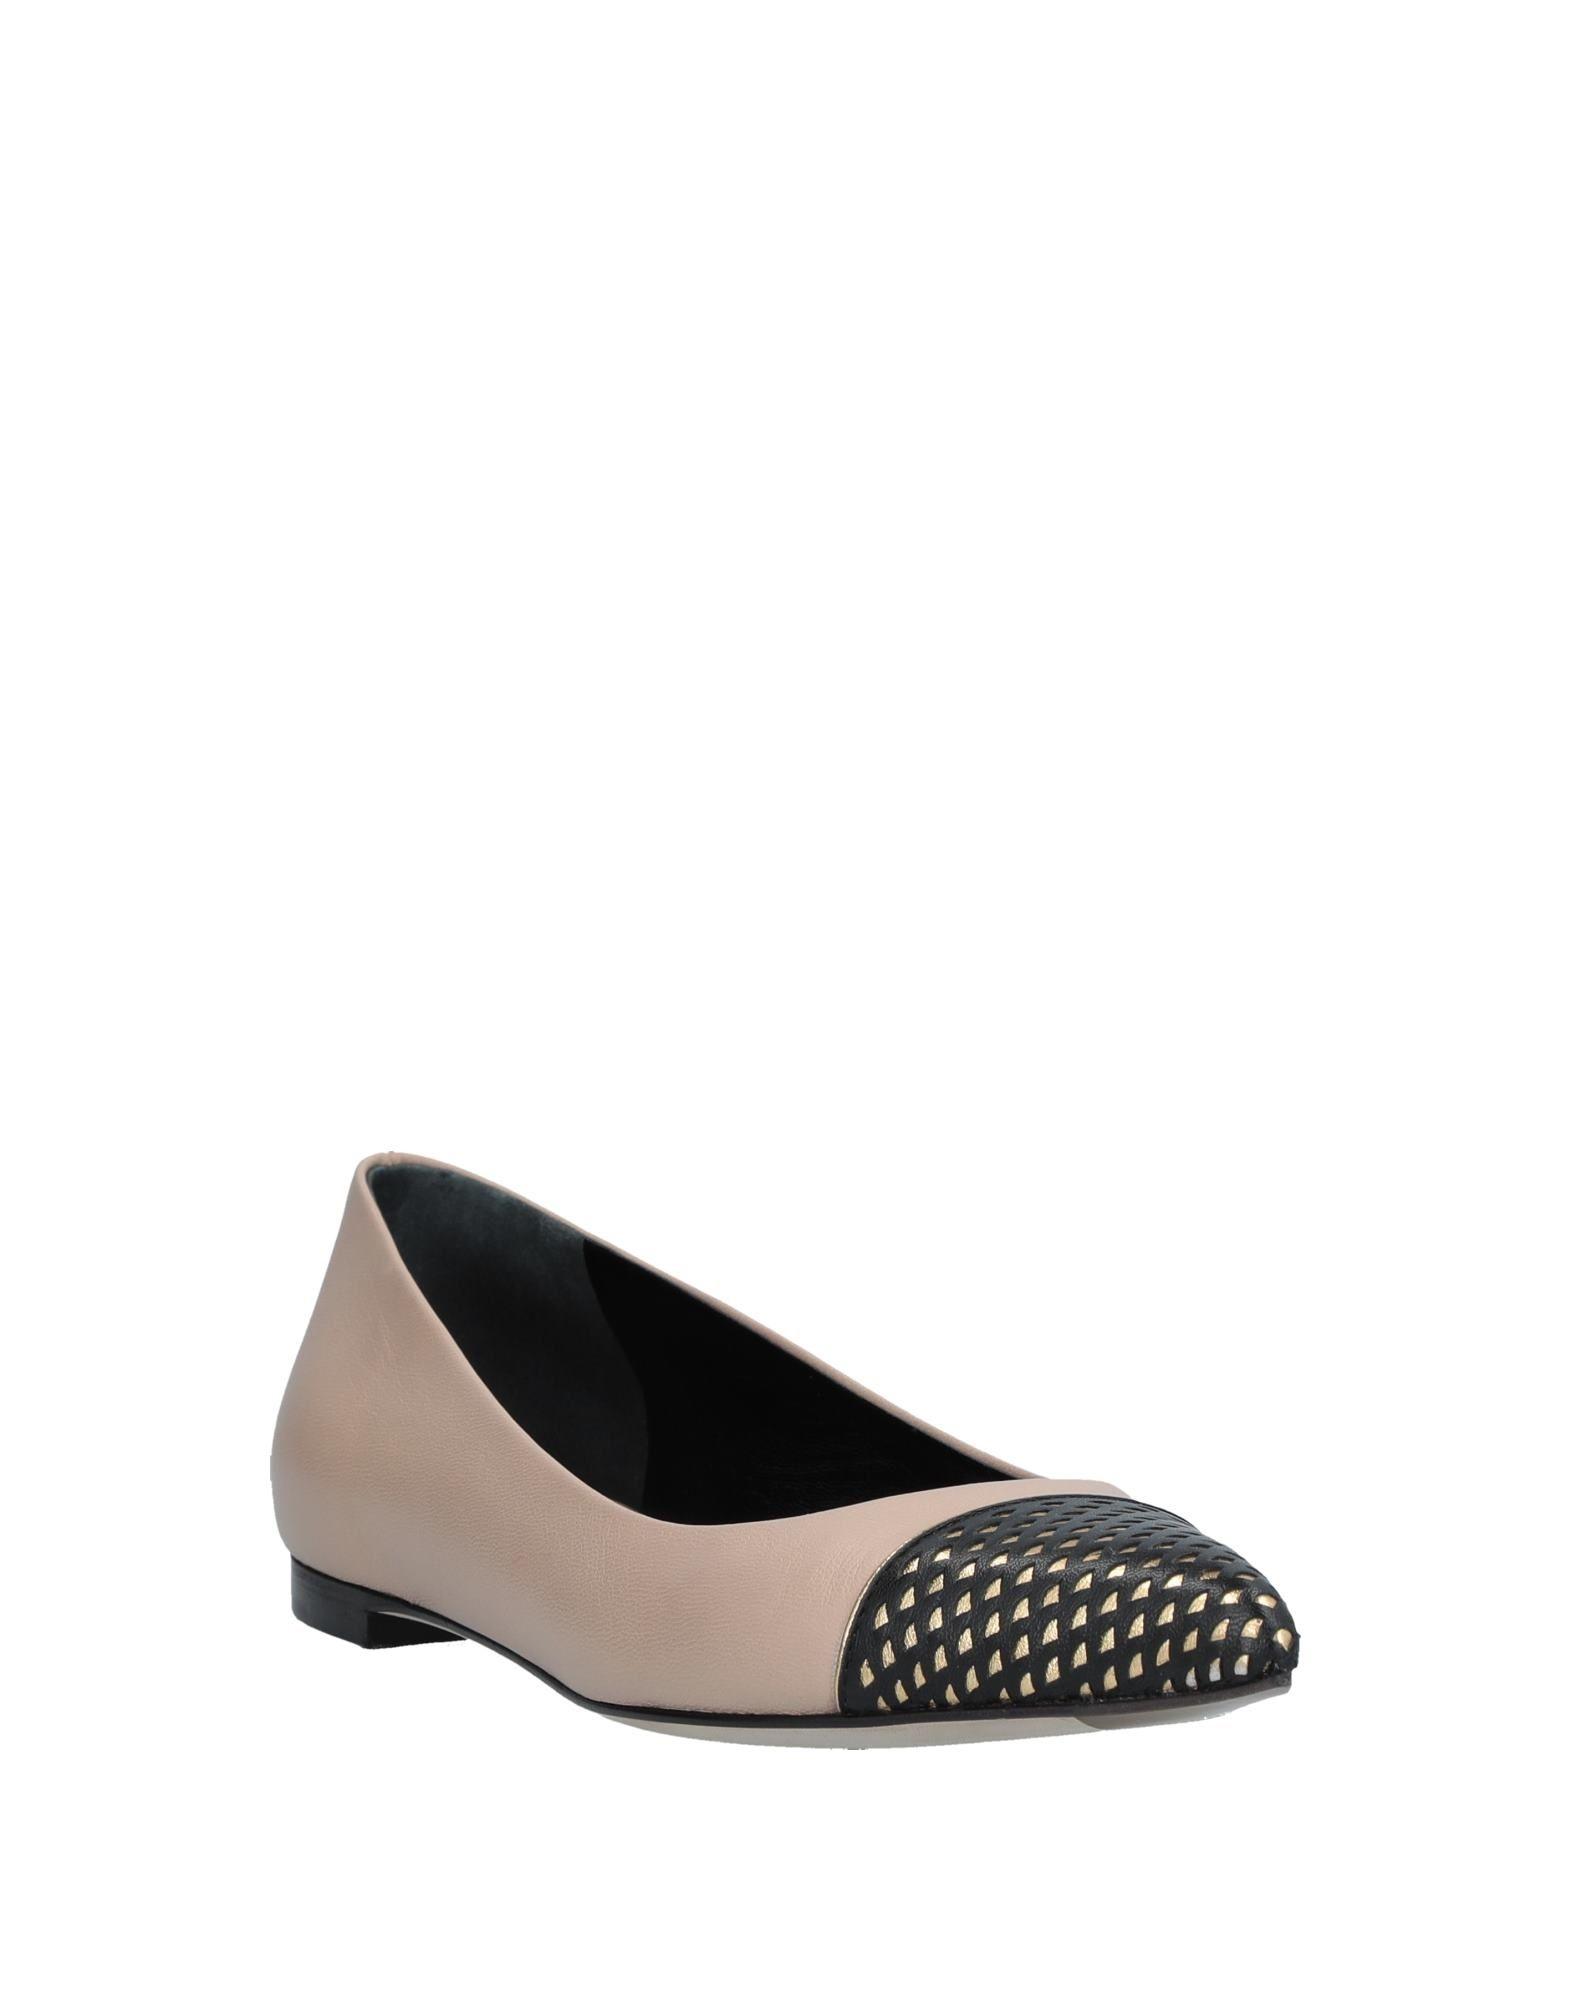 Sergio Rossi Ballerinas Damen  11525918DU 11525918DU  Beliebte Schuhe bf0b60